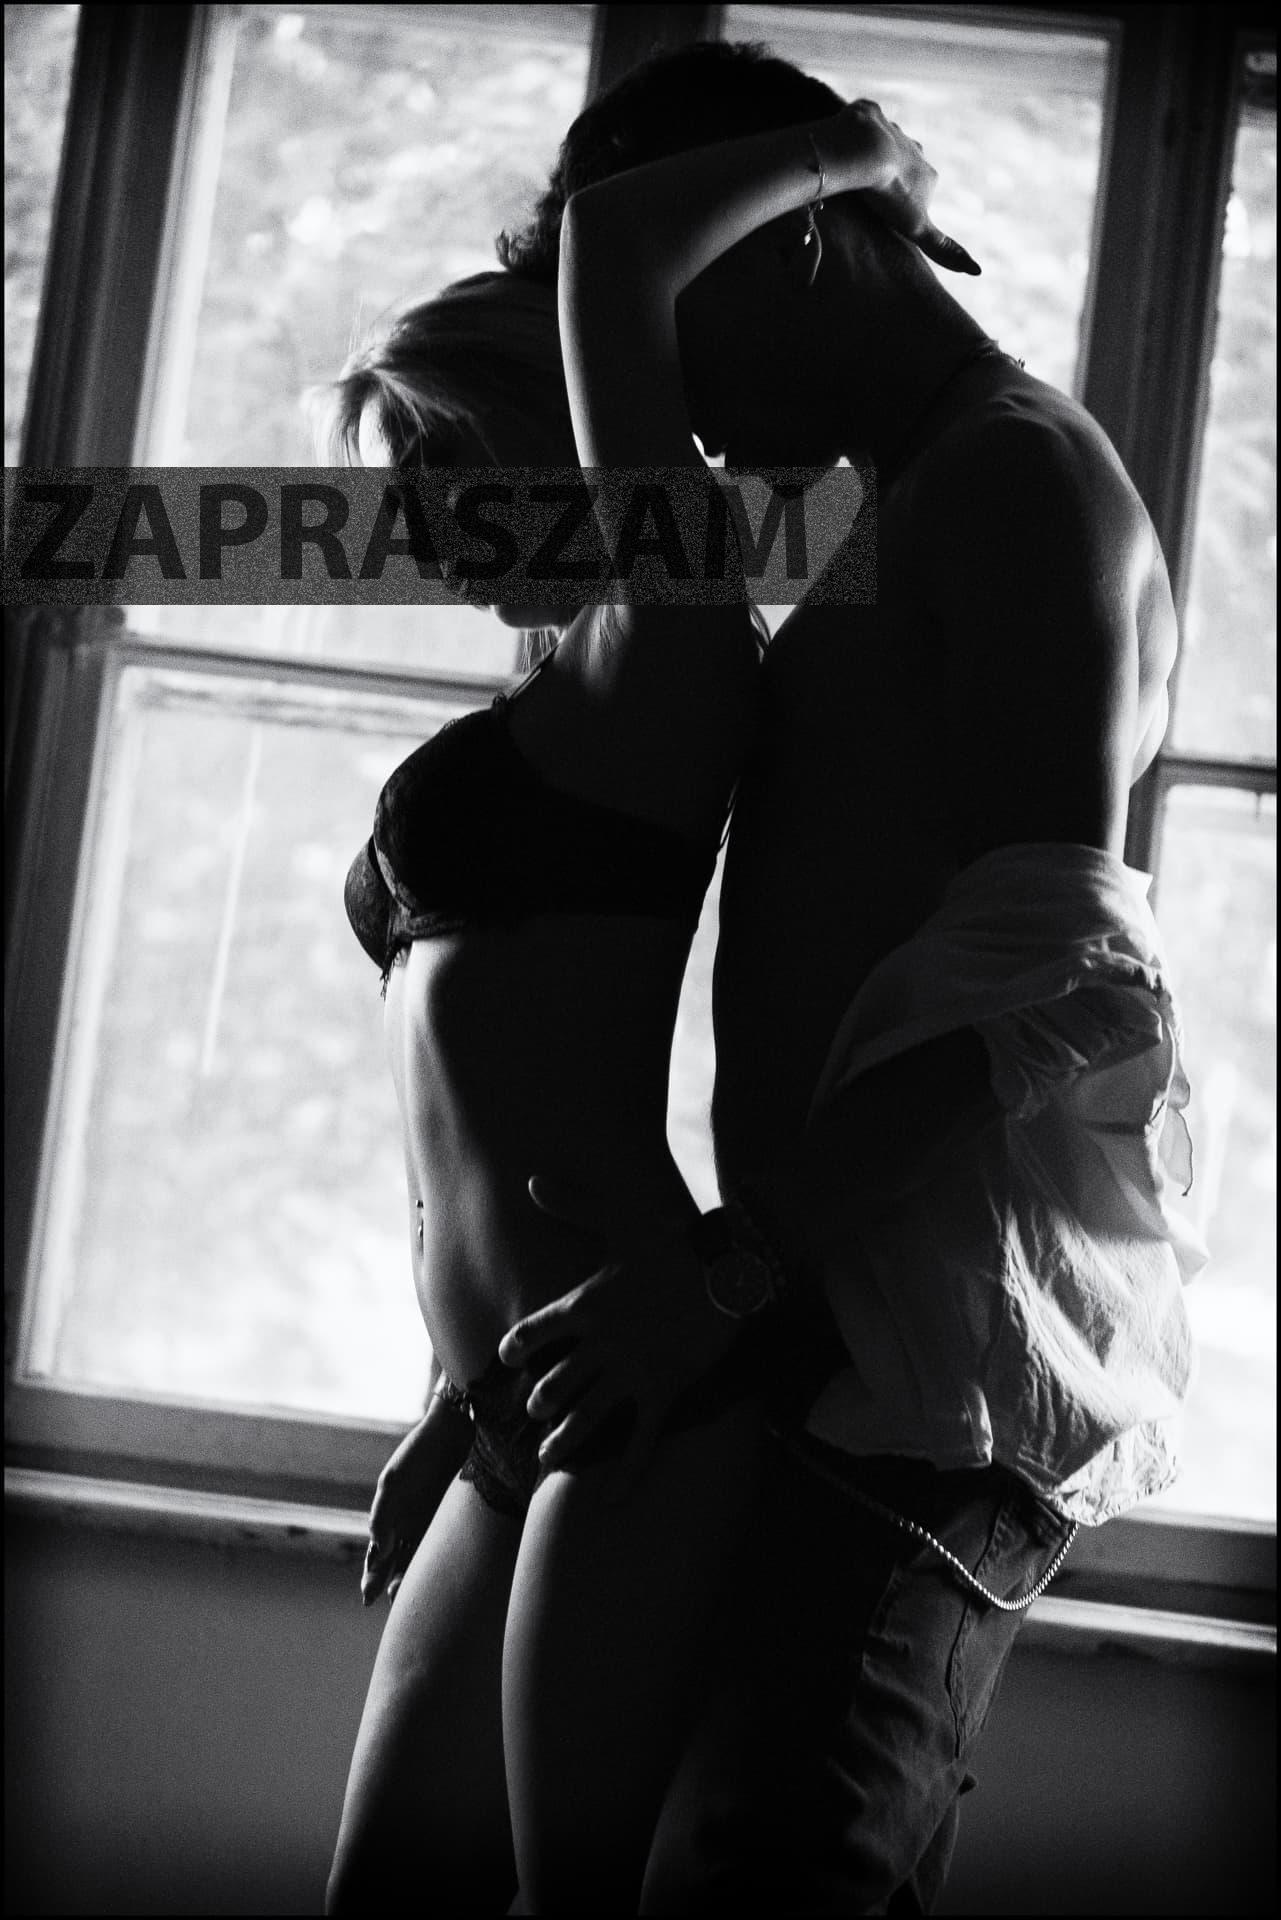 zdjęcia dla par fotografia intymna